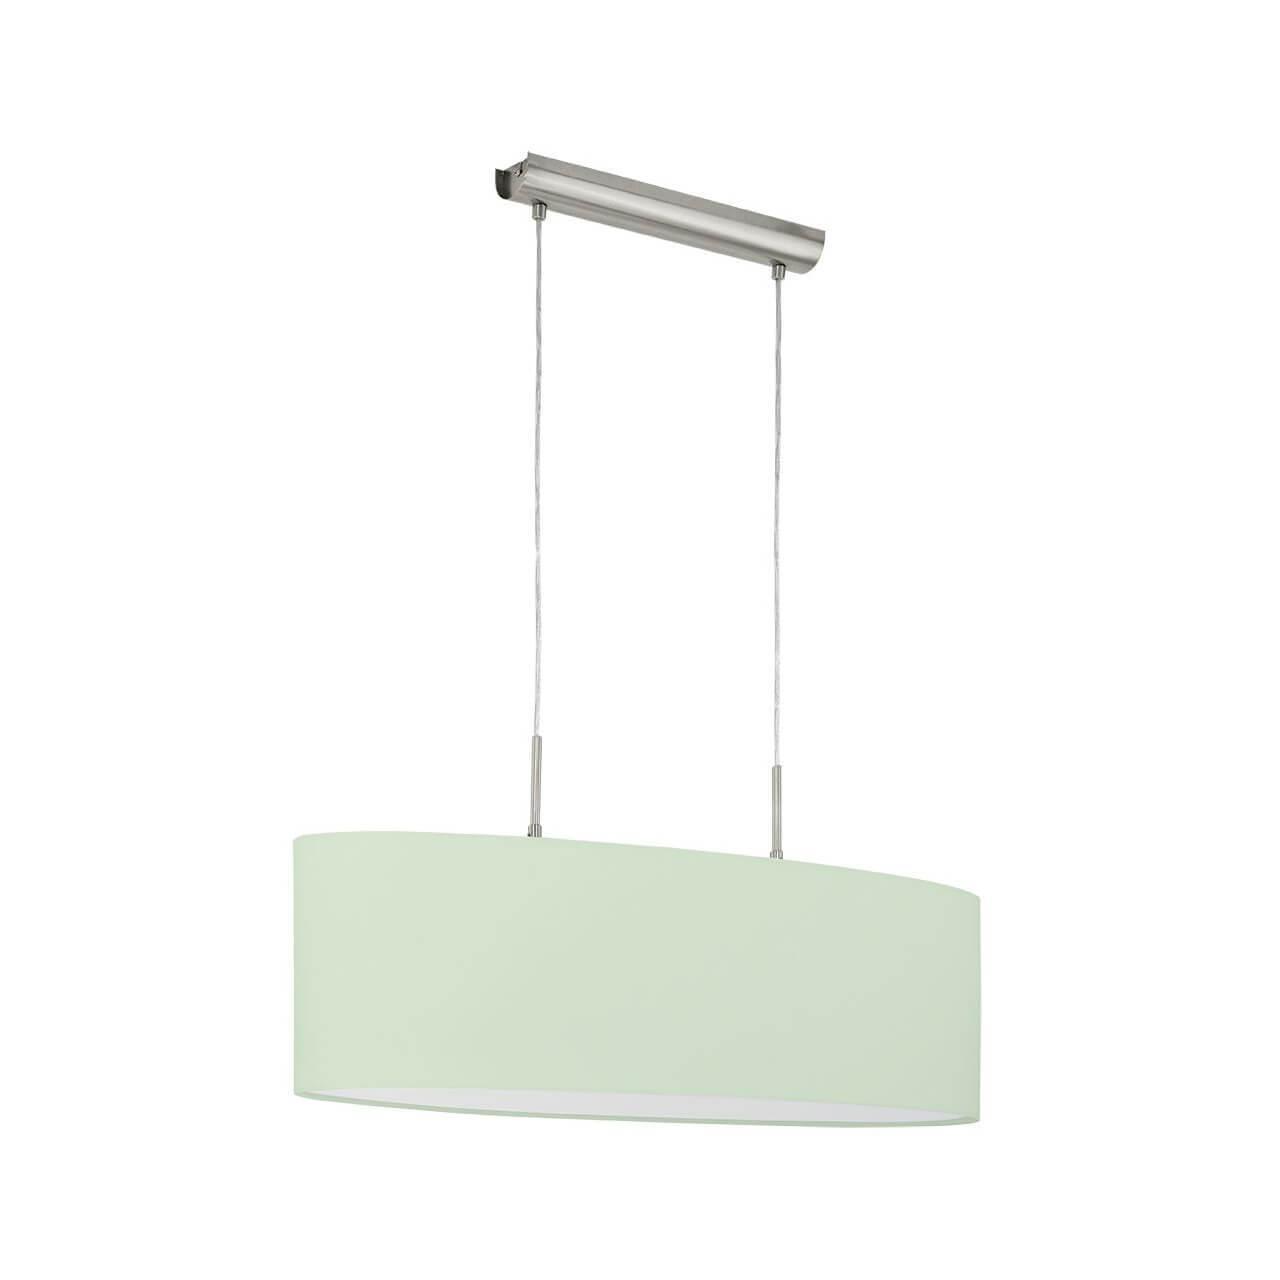 Подвесной светильник Eglo 97379, E27, 60 Вт подвесной светильник eglo pasteri 31577